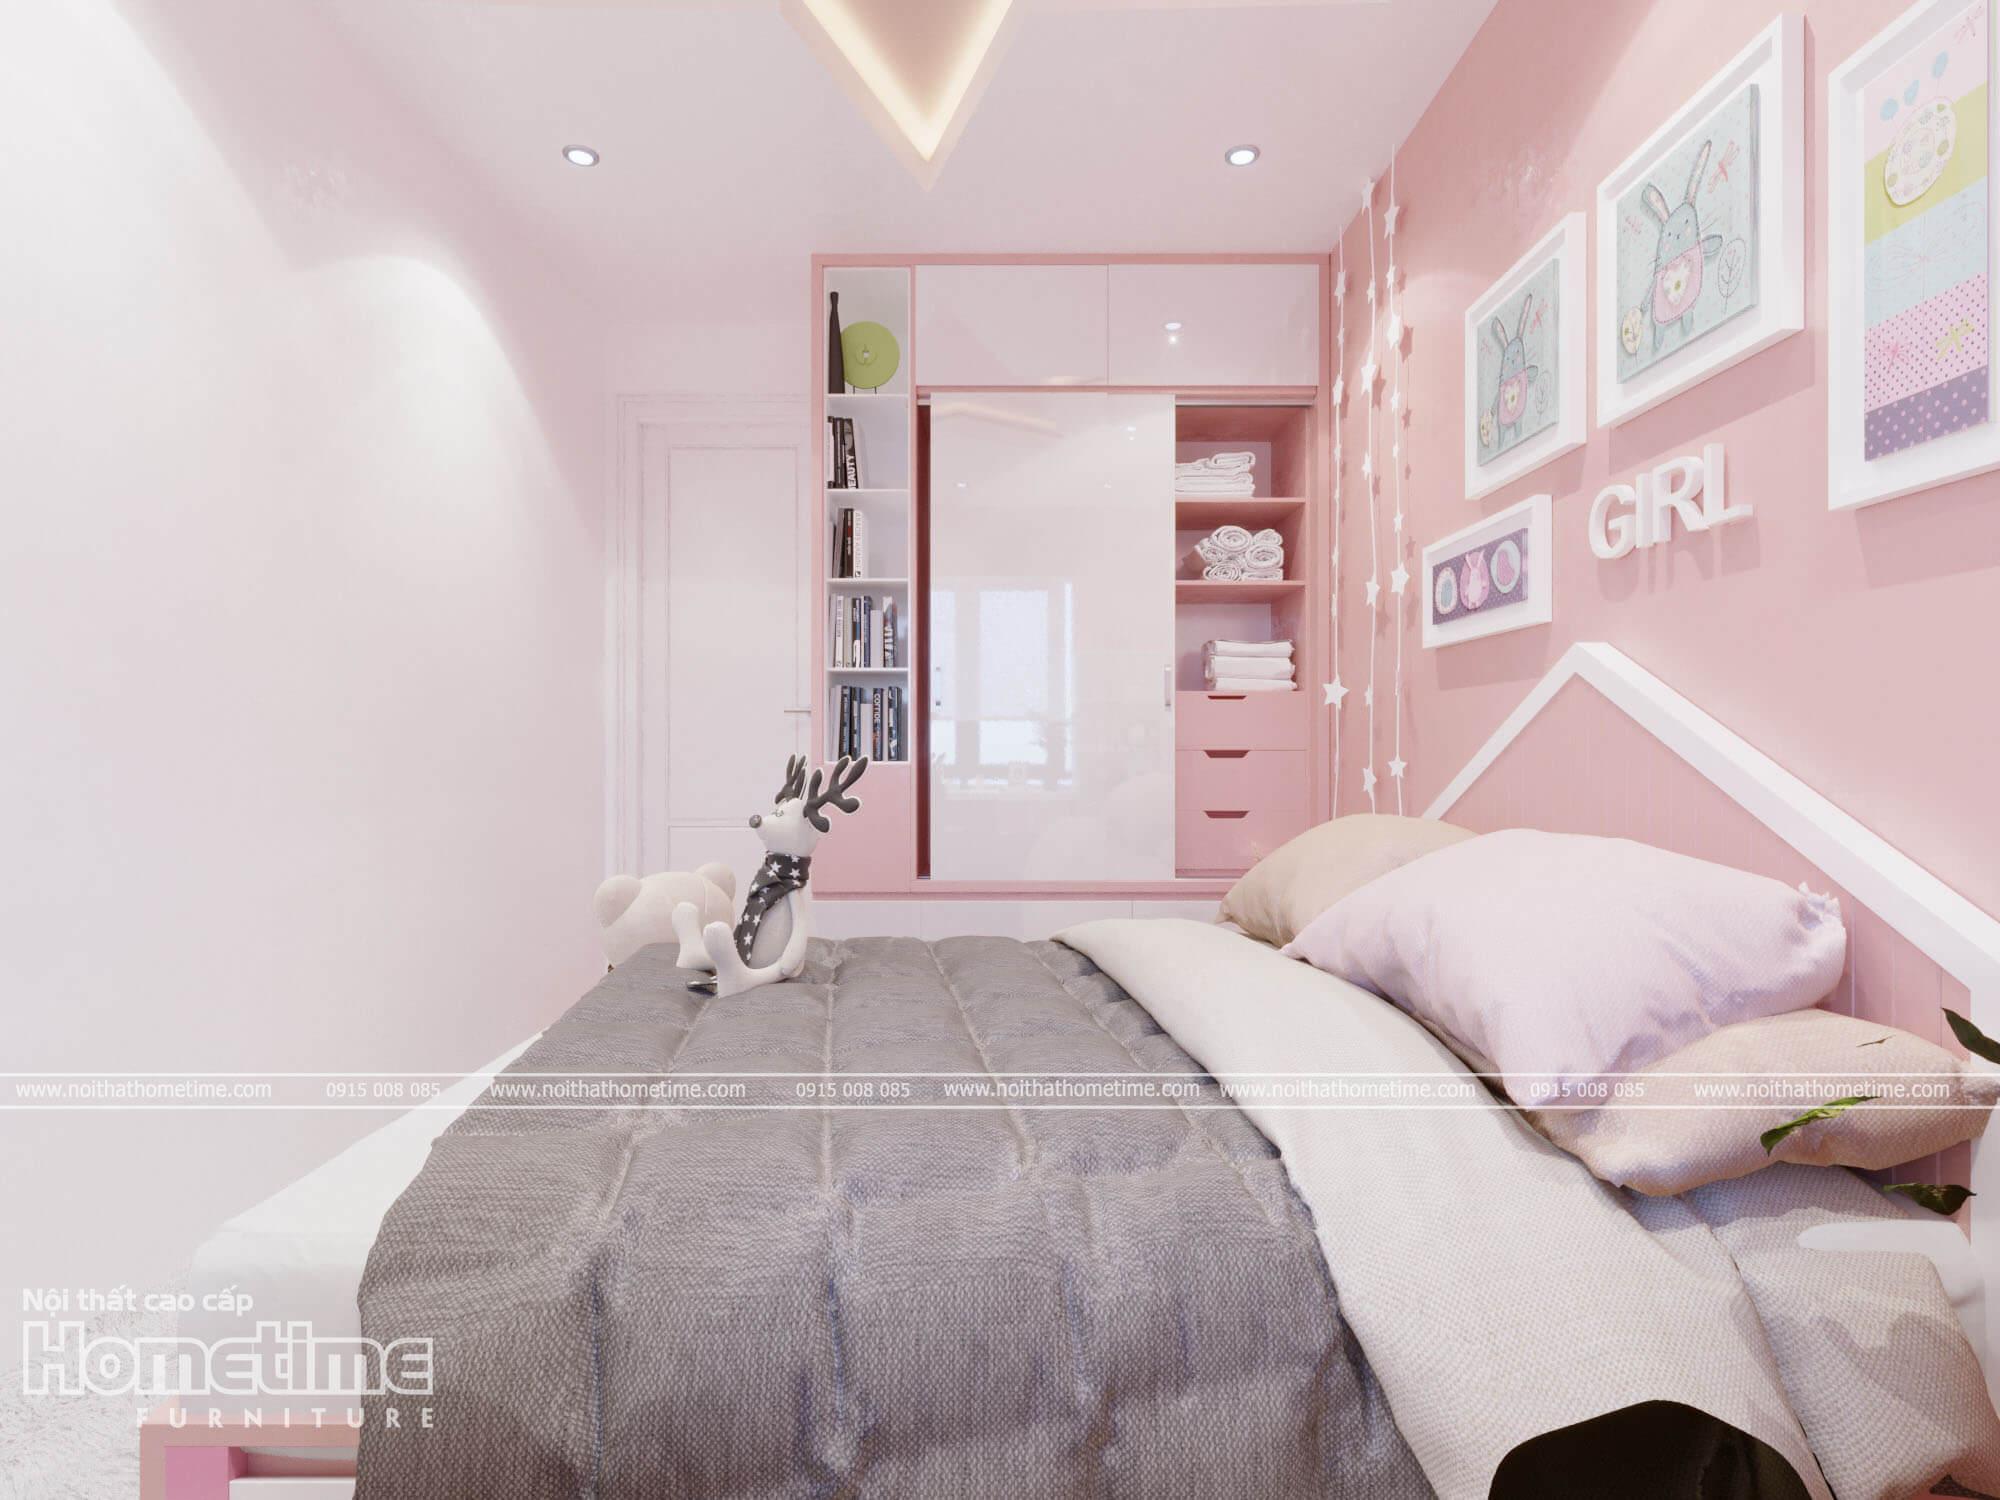 Tủ quần áo với tông màu trắng bóng kết hợp với màu hồng cực kì bắt mắt